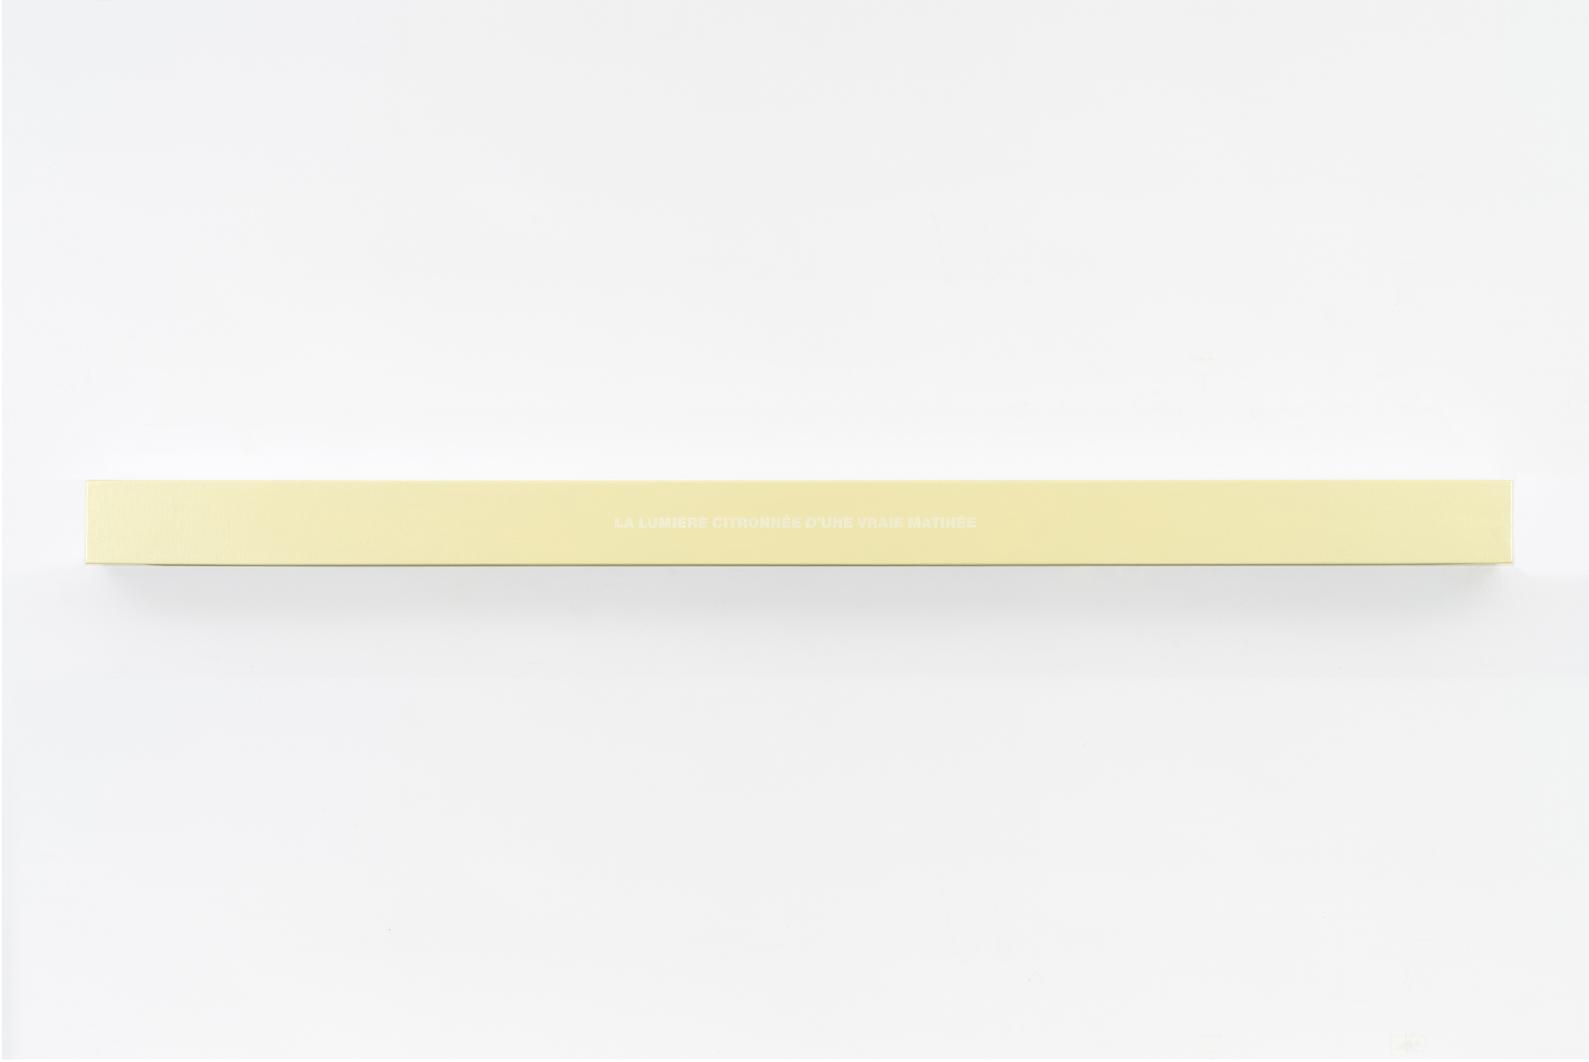 Francine Savard, Lumière de la matinée, 2018, Médiums mixtes sur toile marouflée sur caisson de bois, 10,16 × 177,8 × 10,16 cm / 4 x 70 x 4 pouces